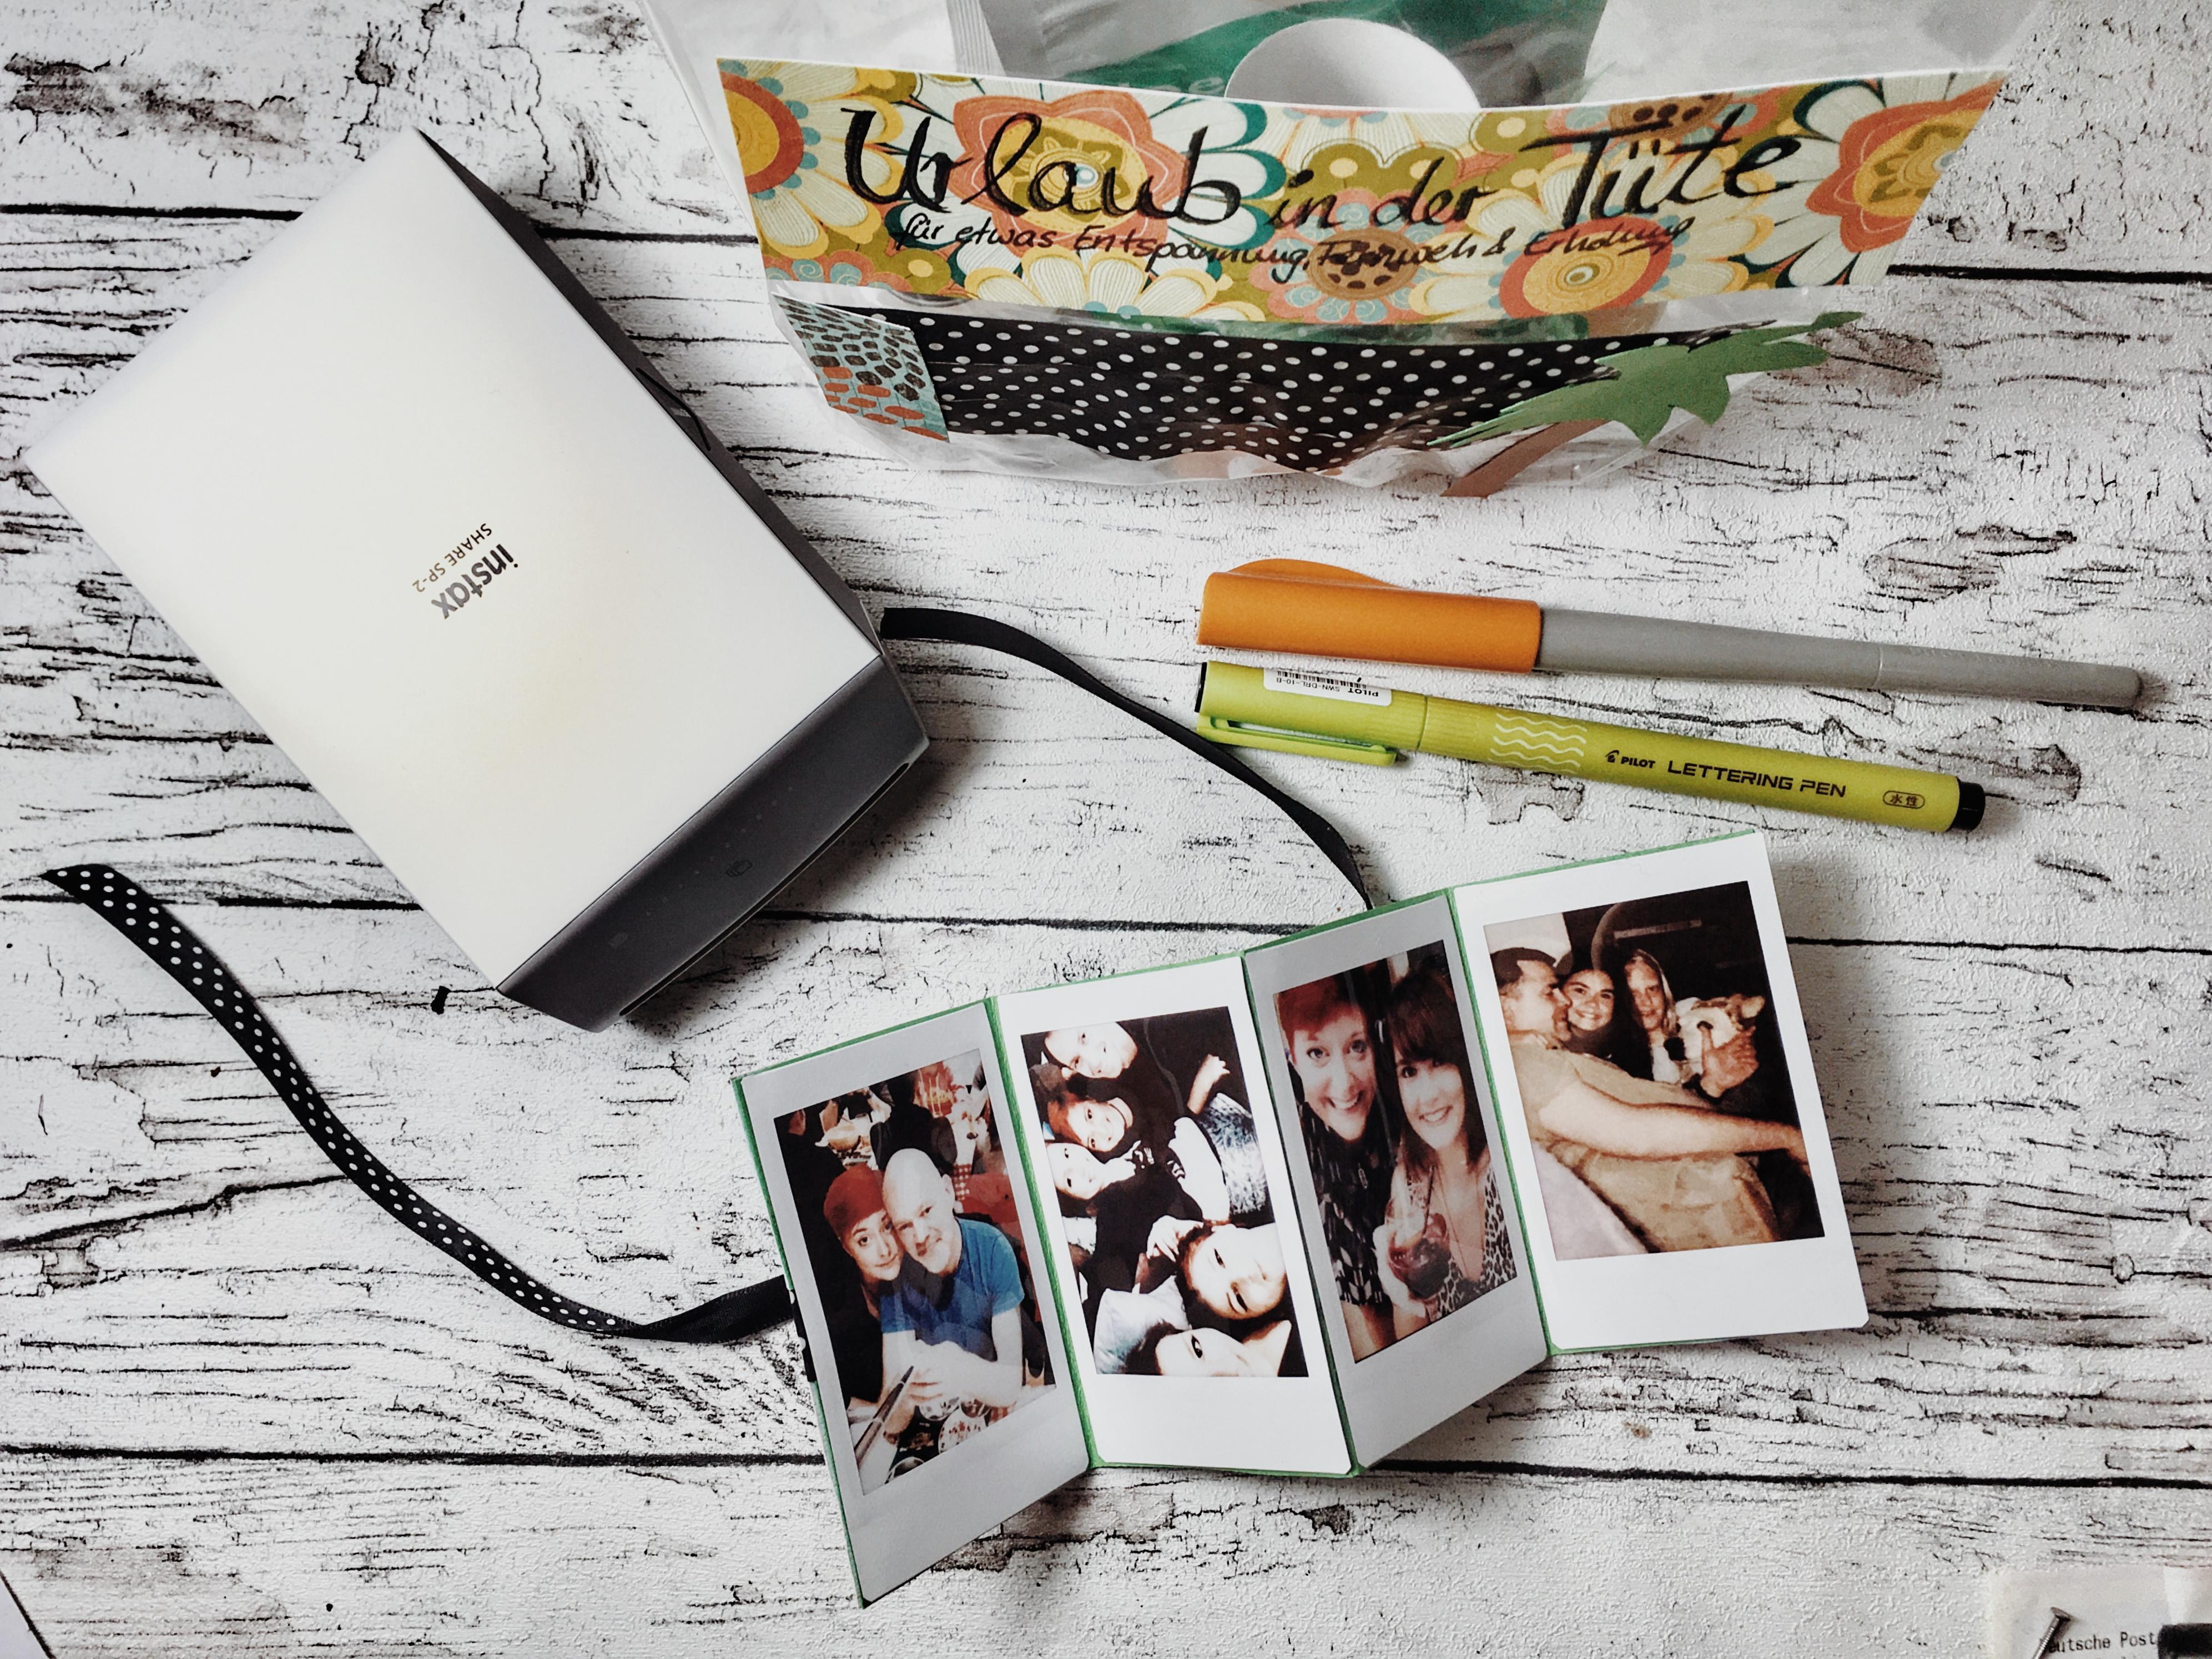 Diy Geburtstagskarte  DIY Geburtstagskarte & Urlaub in der Tüte